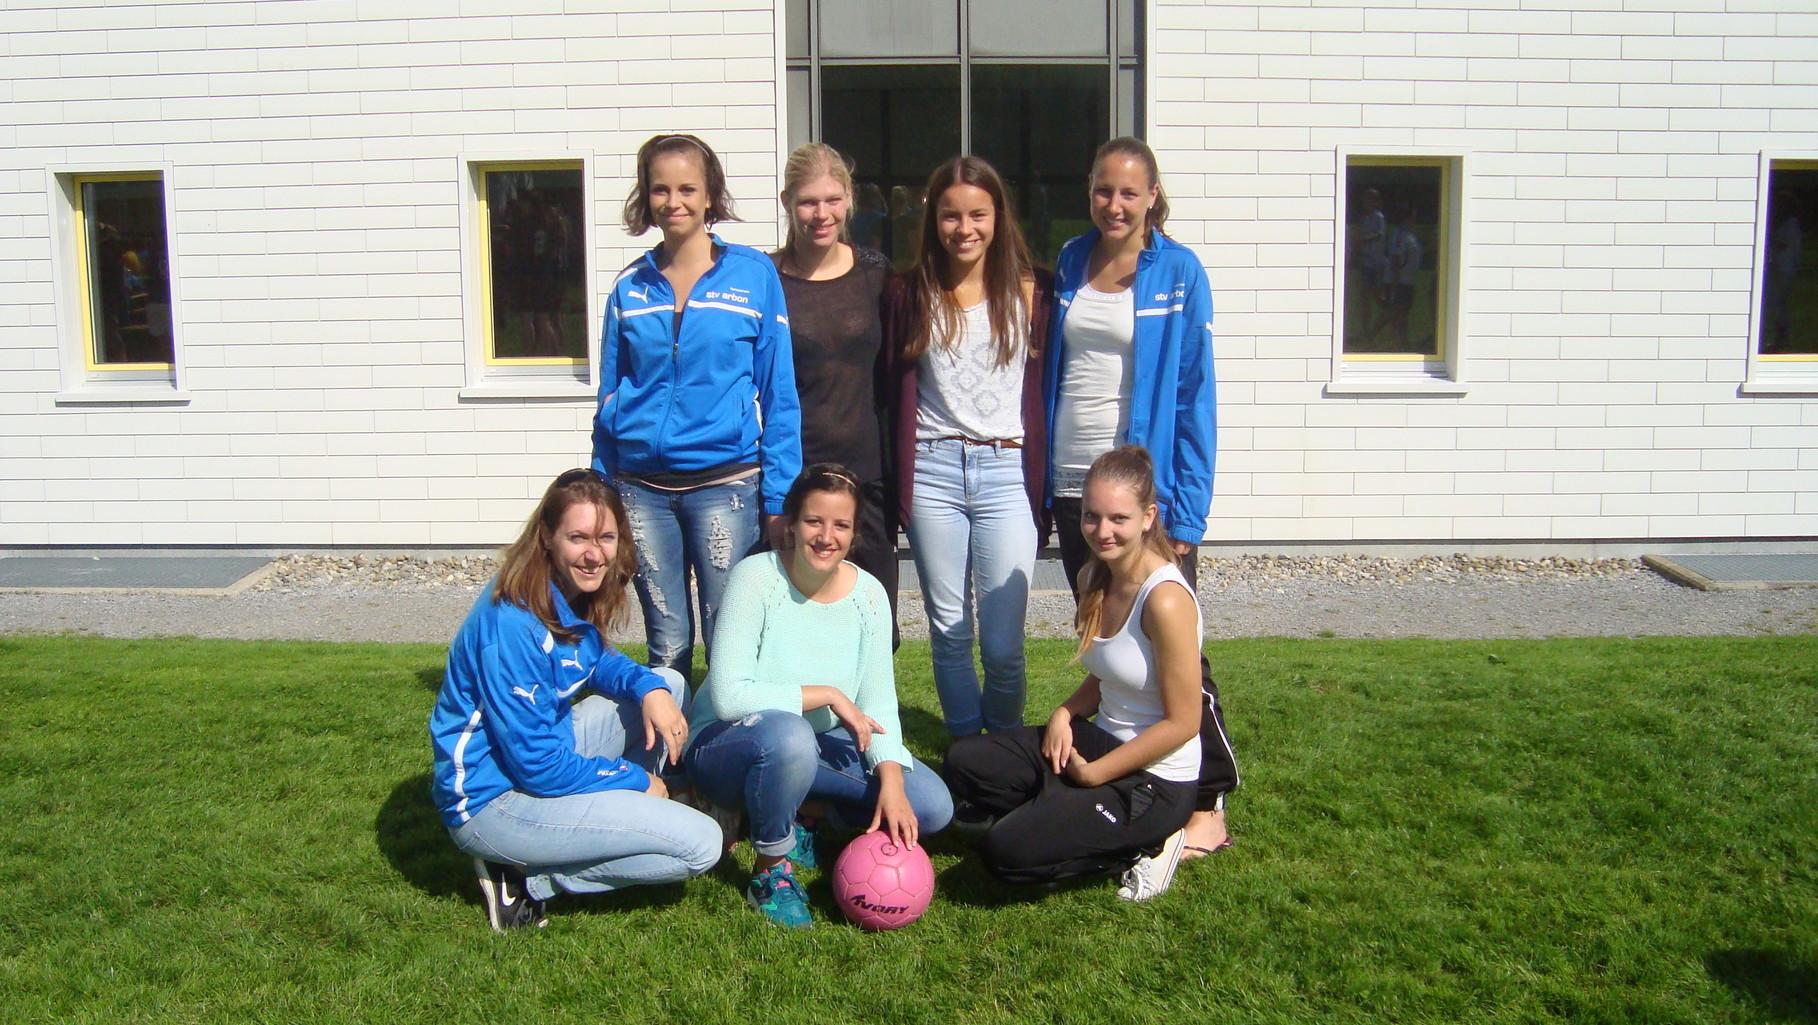 Team Arbon 2 mit neuen jungen Spielerinnen erreichte den 10. Rang. (es fehlen auf dem Foto: Corin, Claudia, Sarah und Vanessa M.) Weitere 3 Teams hatten gleich viele Punkte! Gratulation zum guten Abschluss.